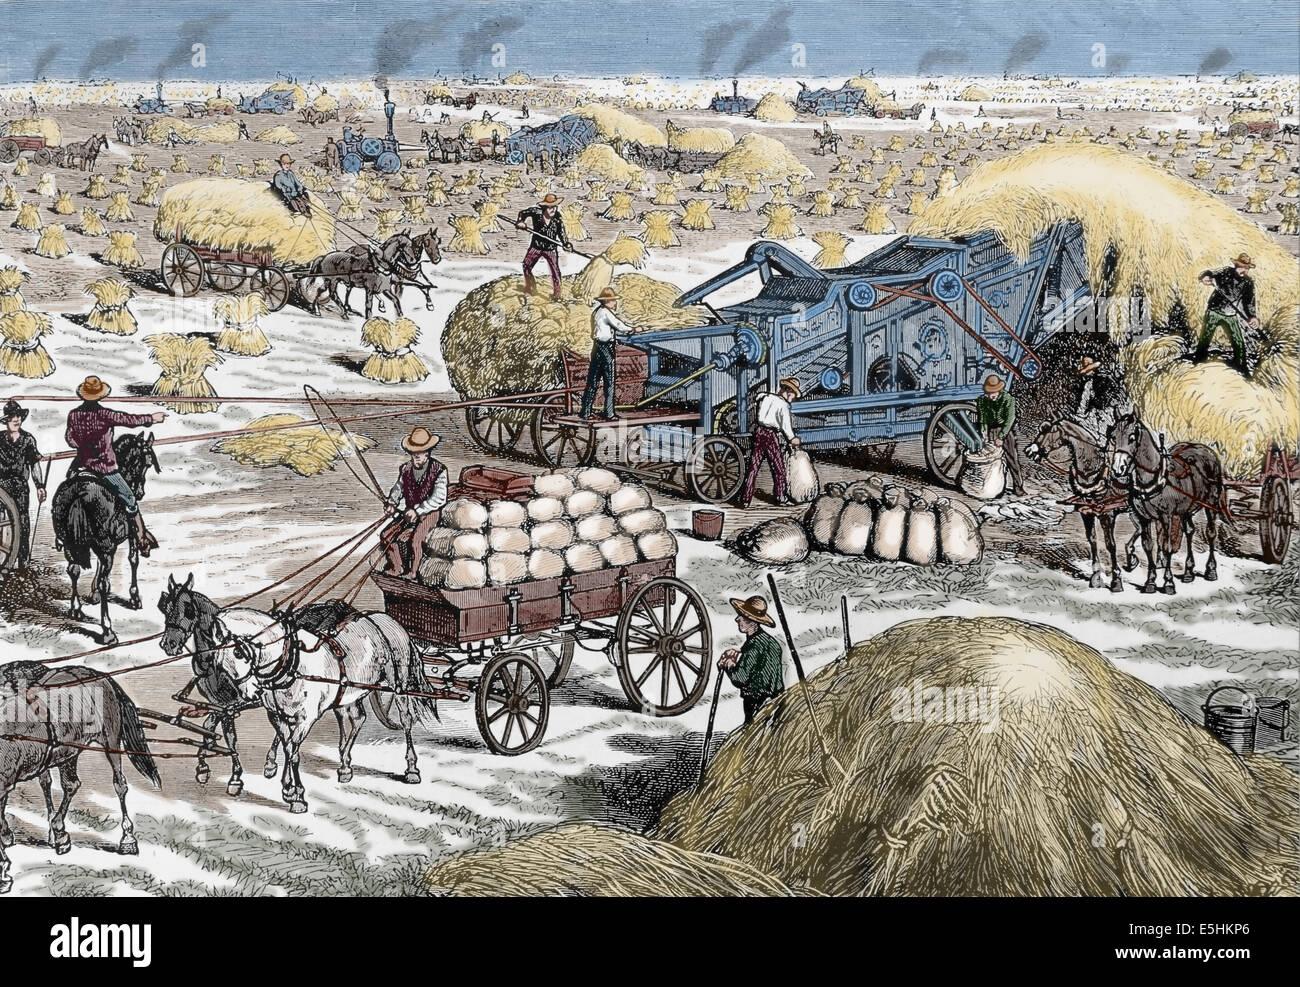 USA. Dakota. Steam-snorting engines power threshing machines harvesting the wheat crop in Dakota territory during Stock Photo